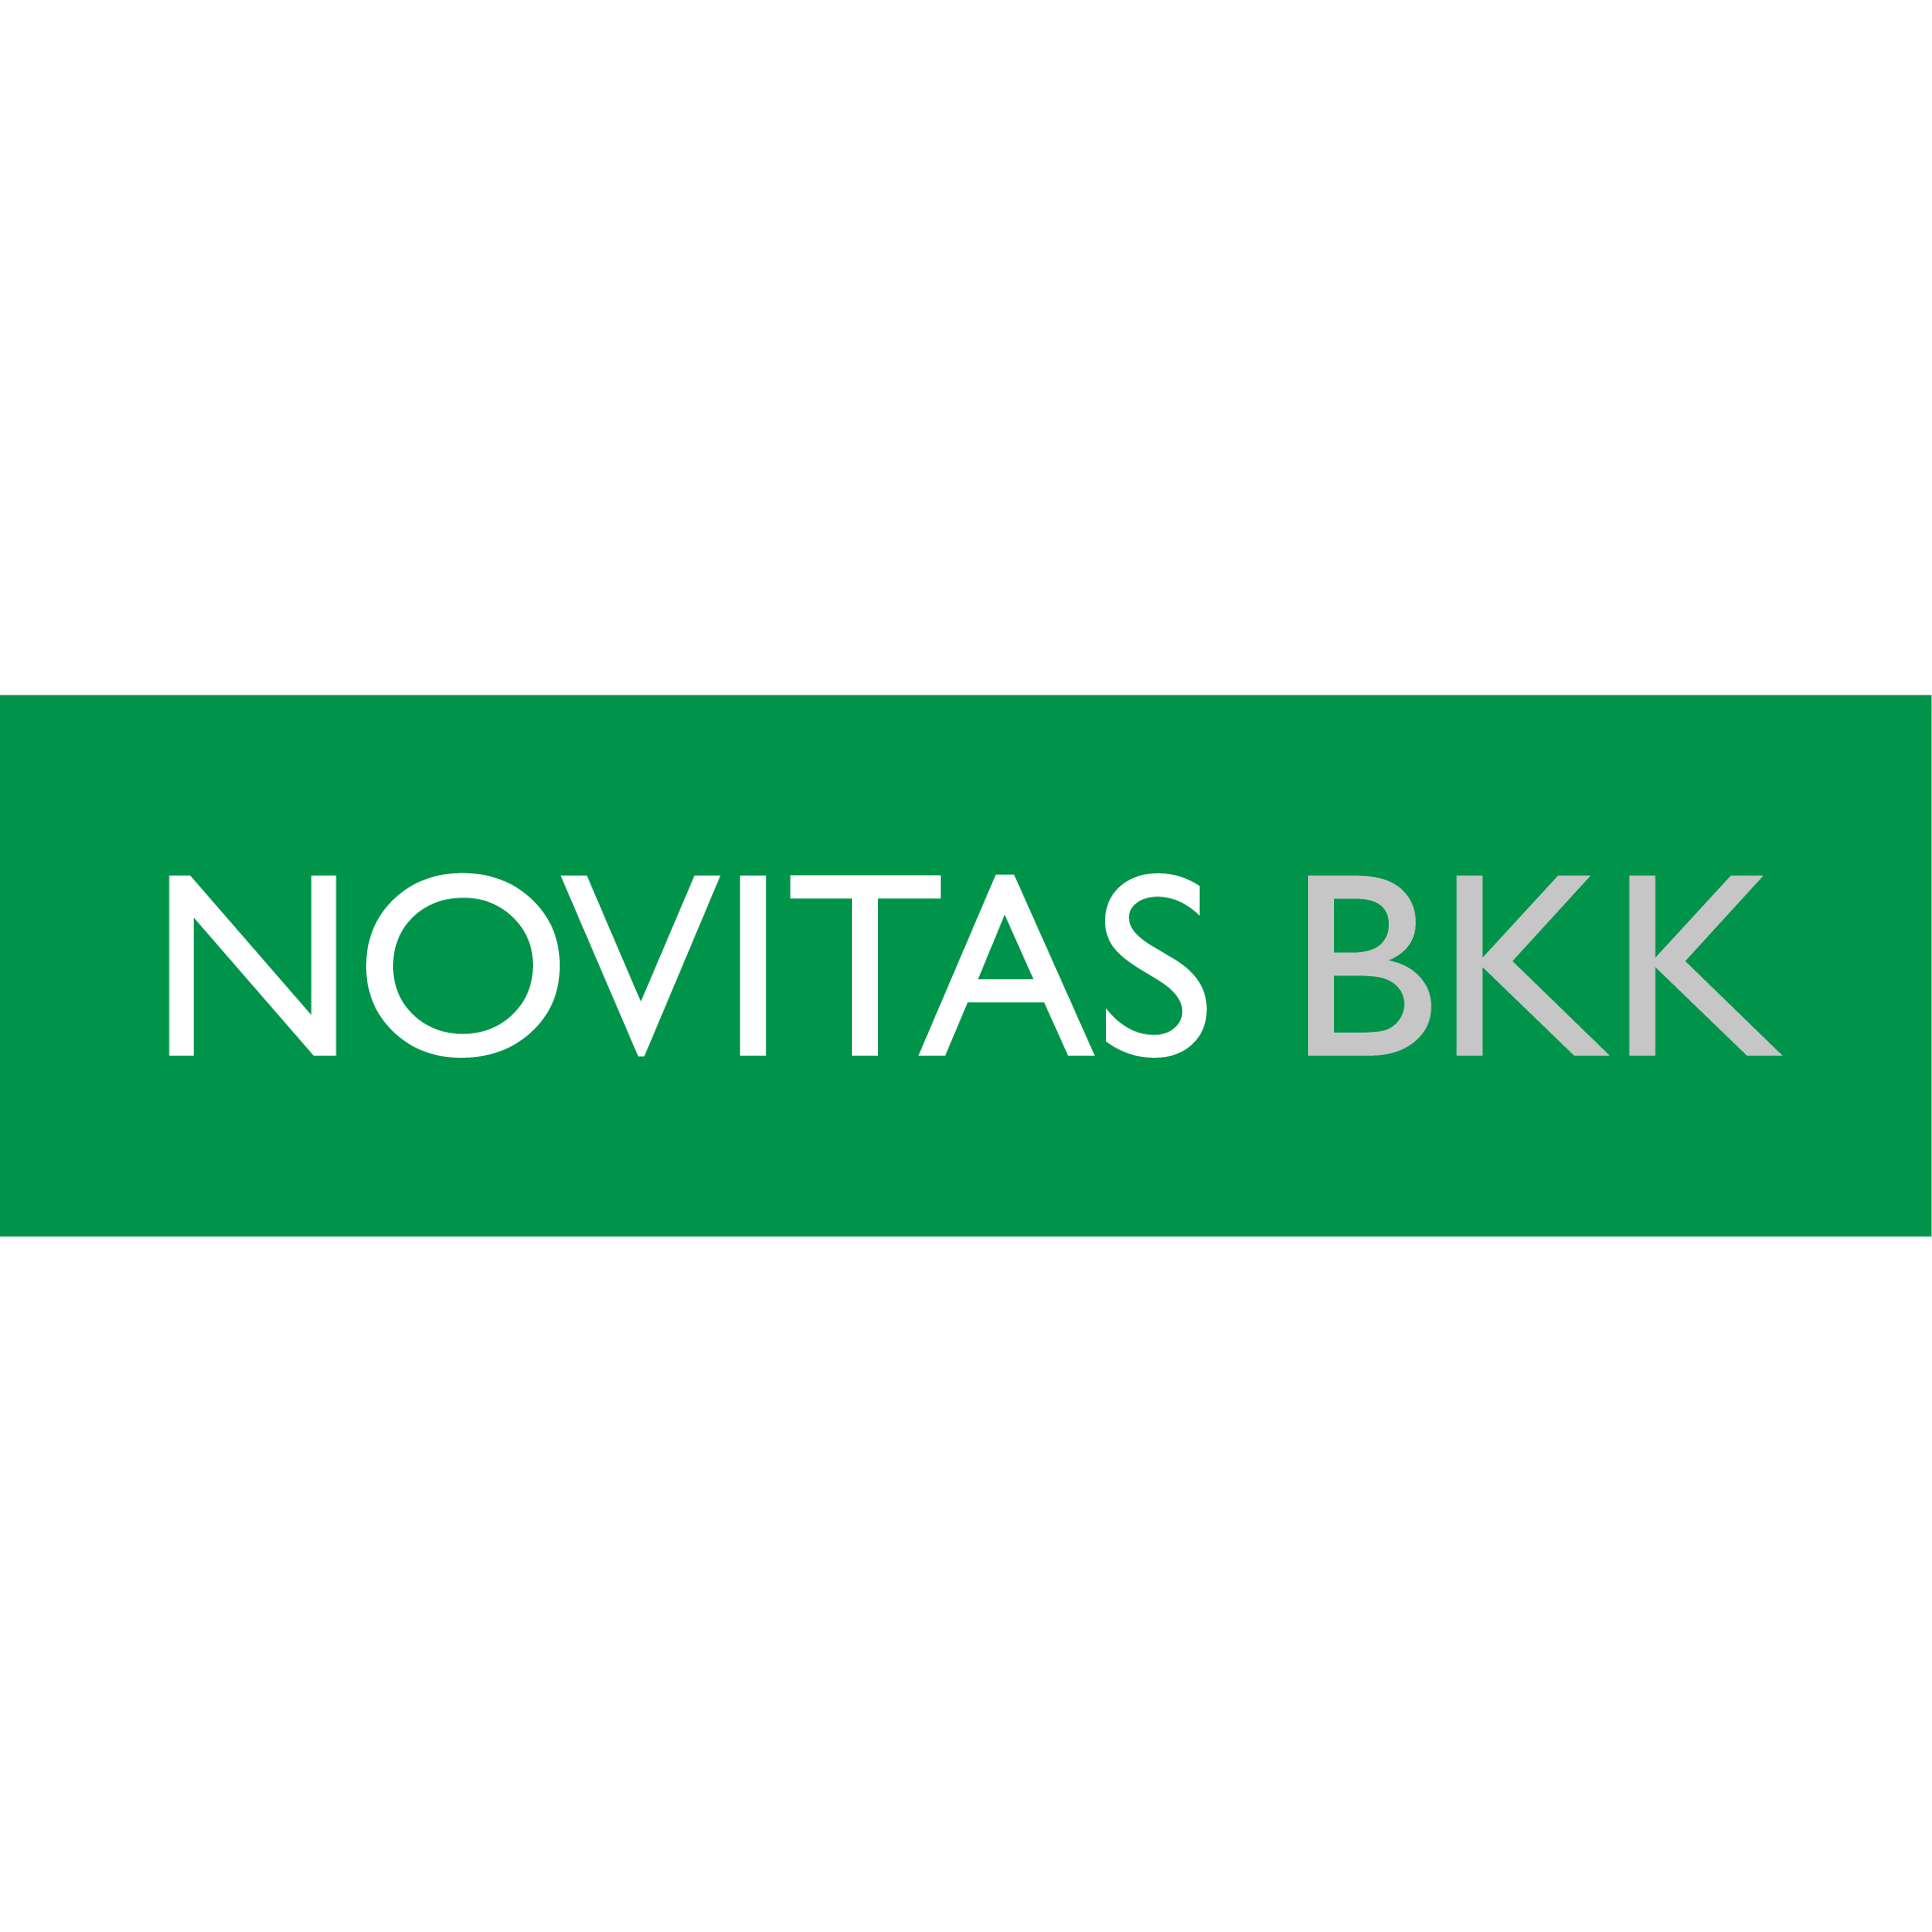 Markenzeichen der Novitas BKK